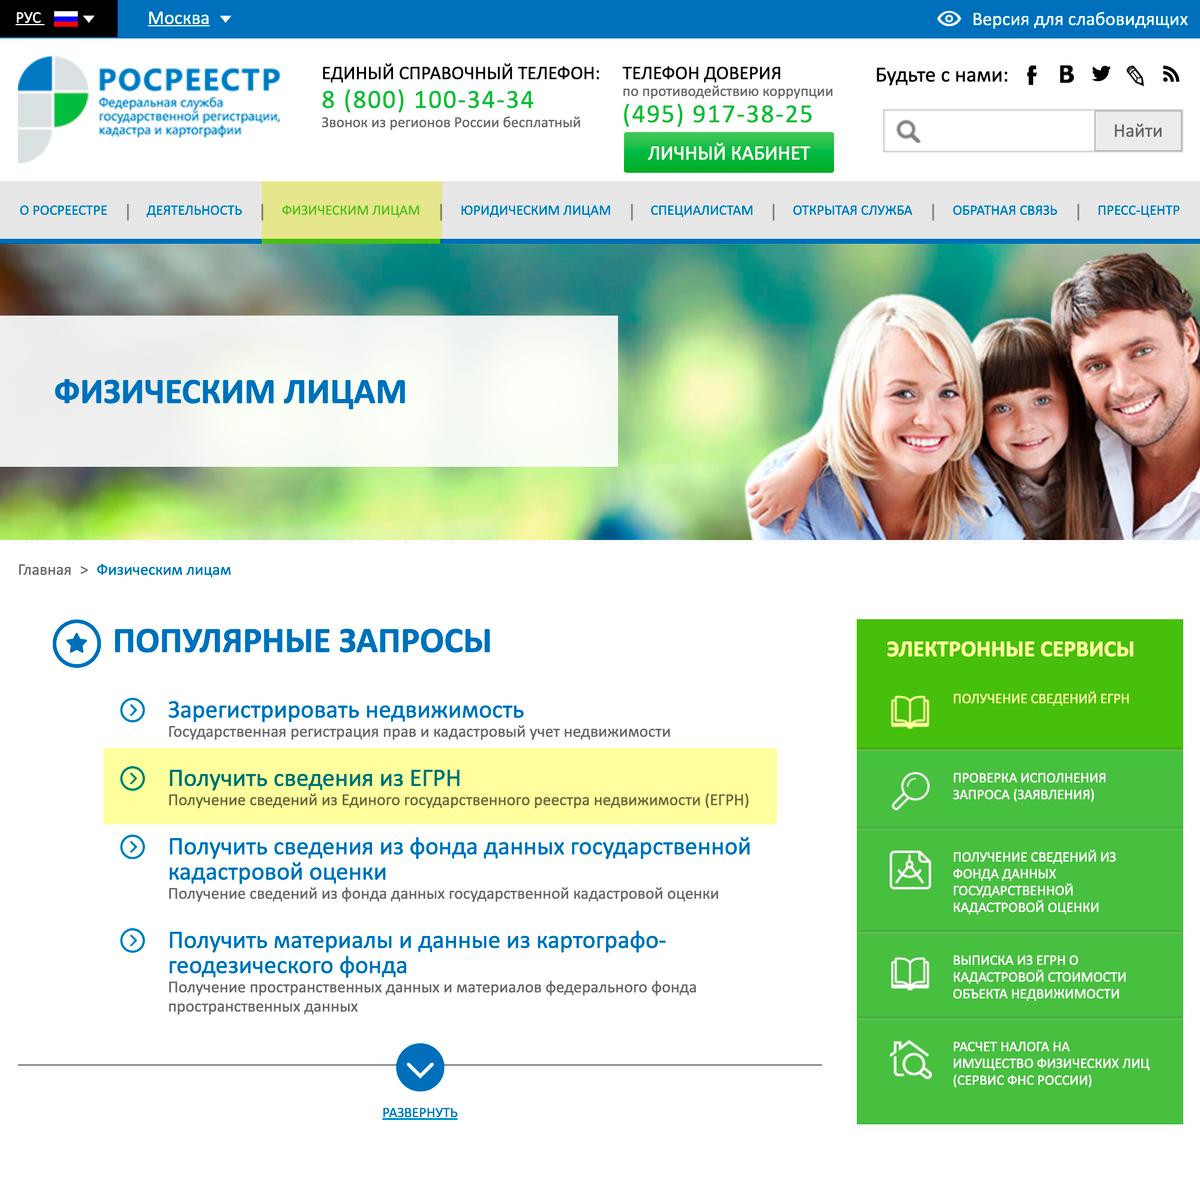 На главной странице сайта выберите вкладку «Физическим лицам». Нажмите на вкладку «Получить сведения из ЕГРН» и перейдите к форме заявления